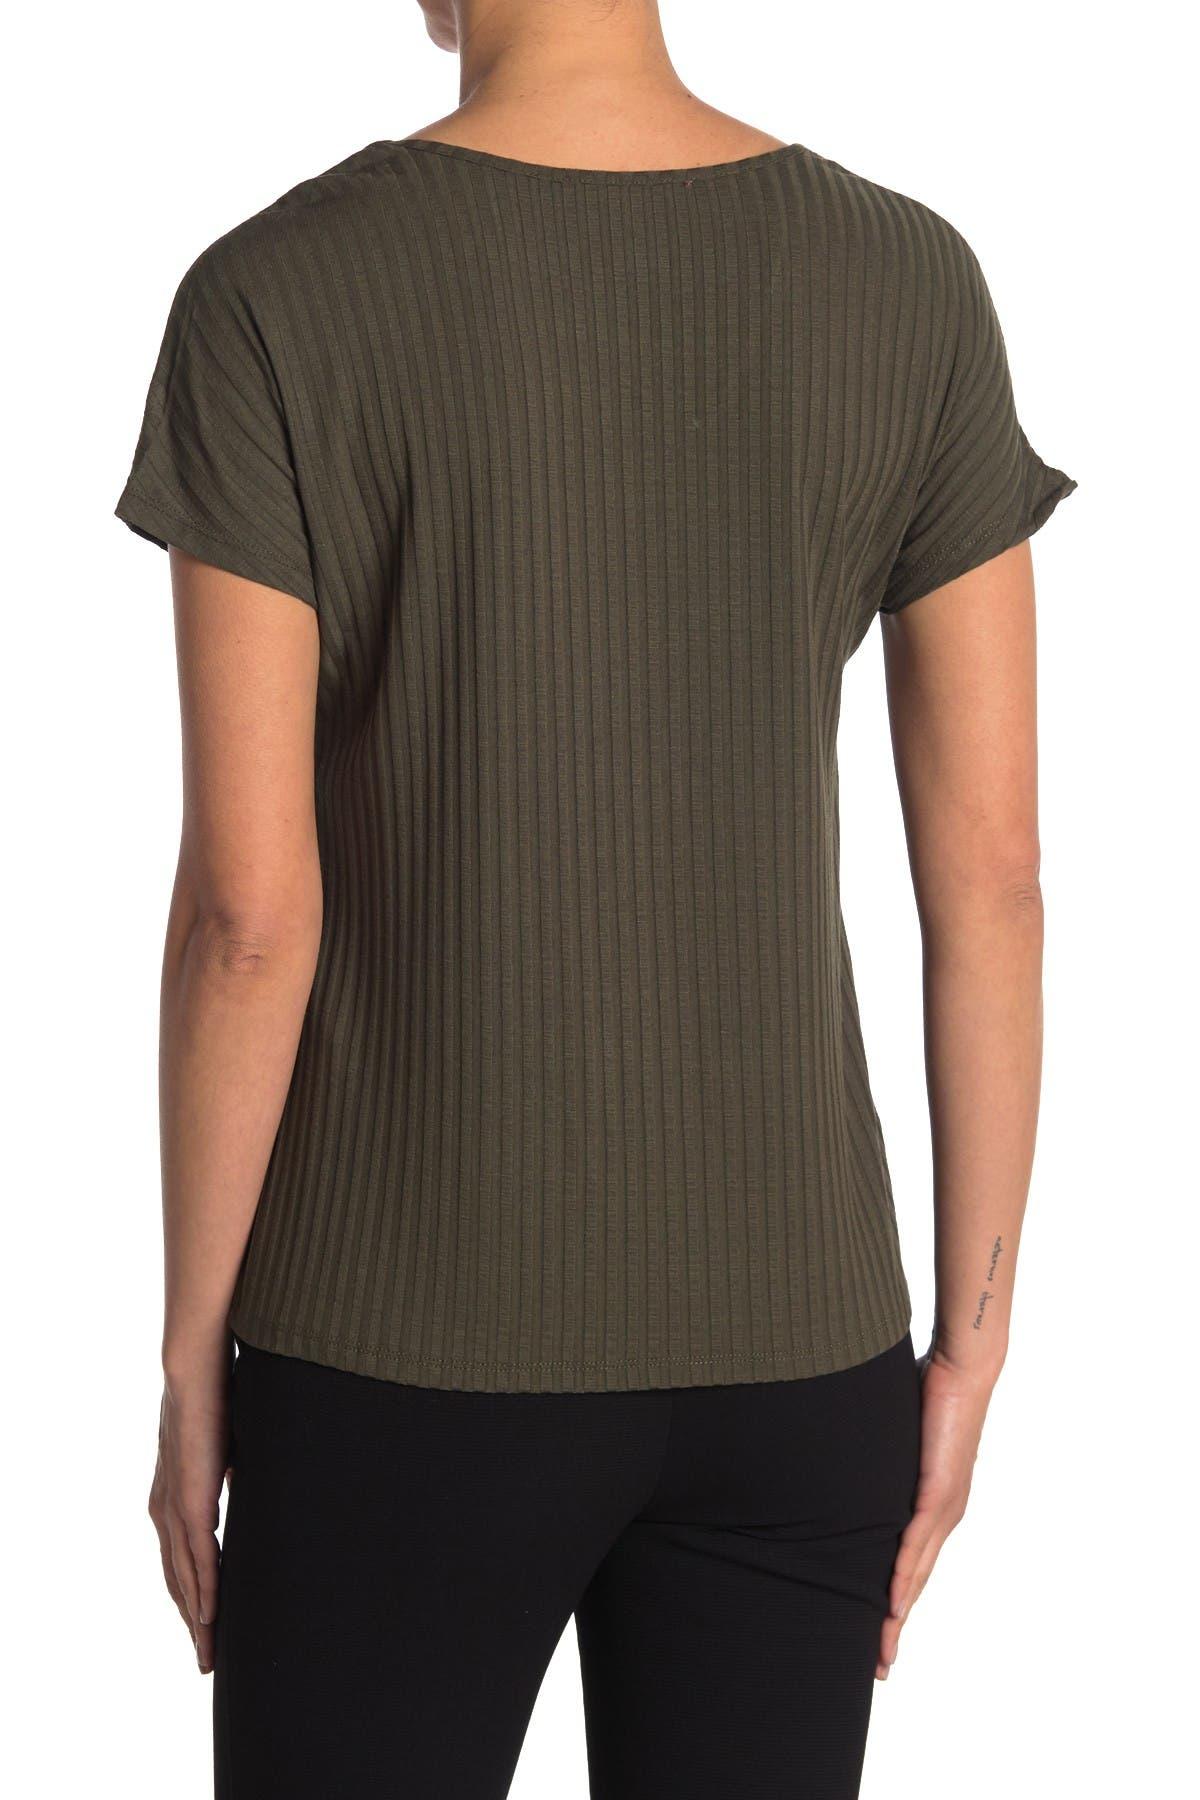 Image of Catherine Catherine Malandrino V-Neck Ribbed Boxy T-Shirt